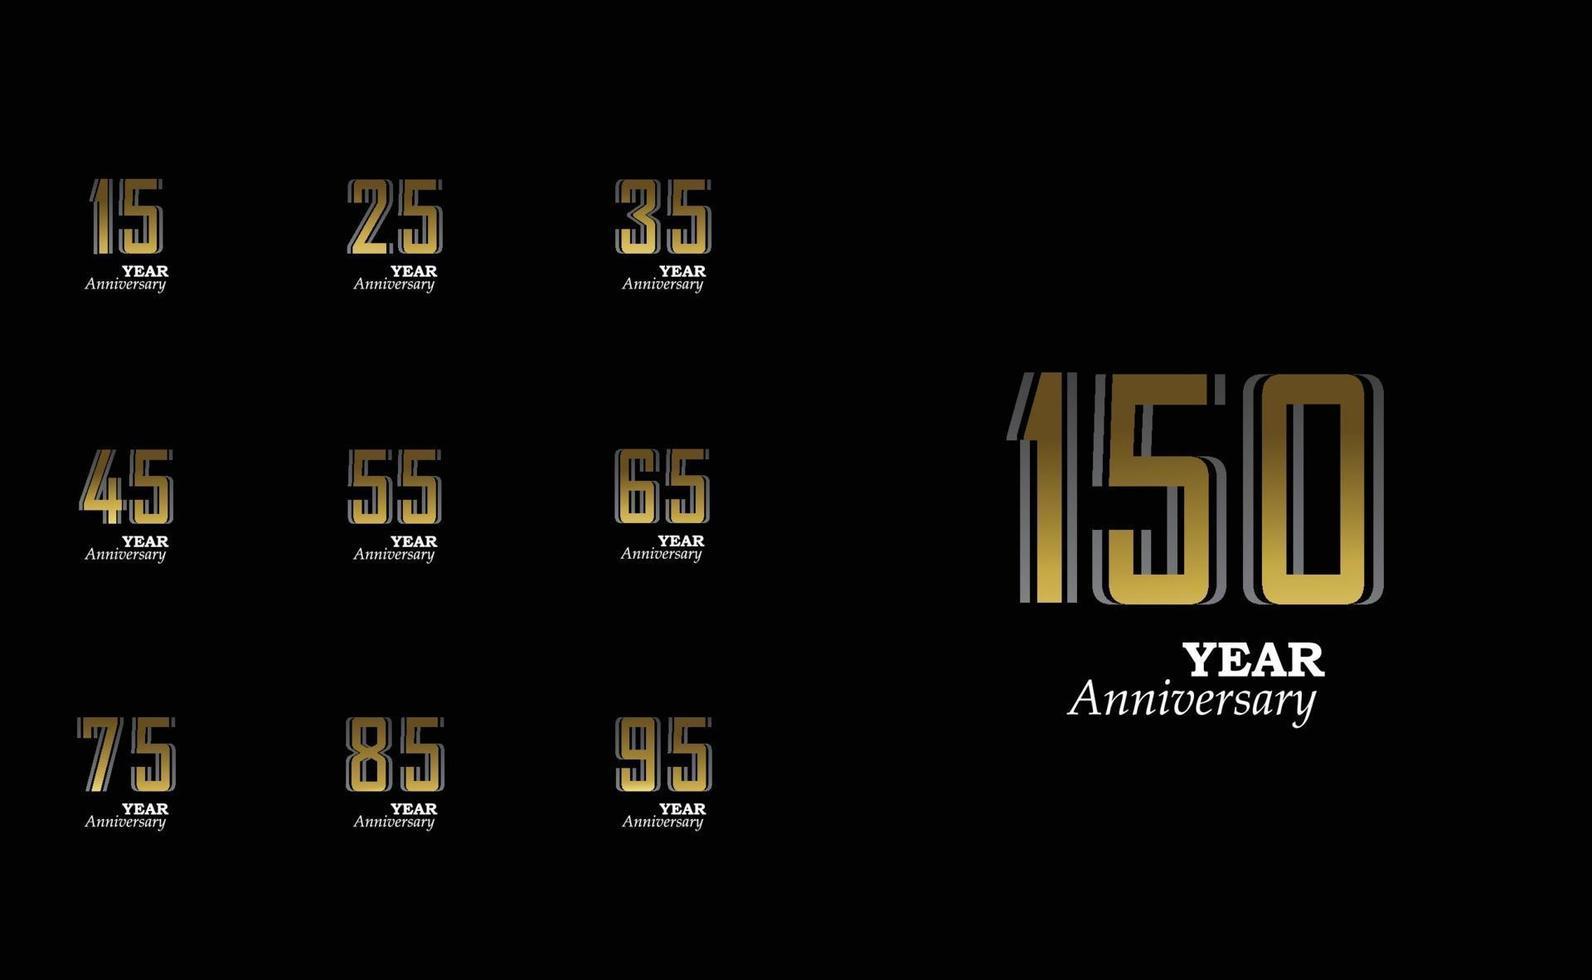 definir ano aniversário logotipo vetor modelo design ilustração